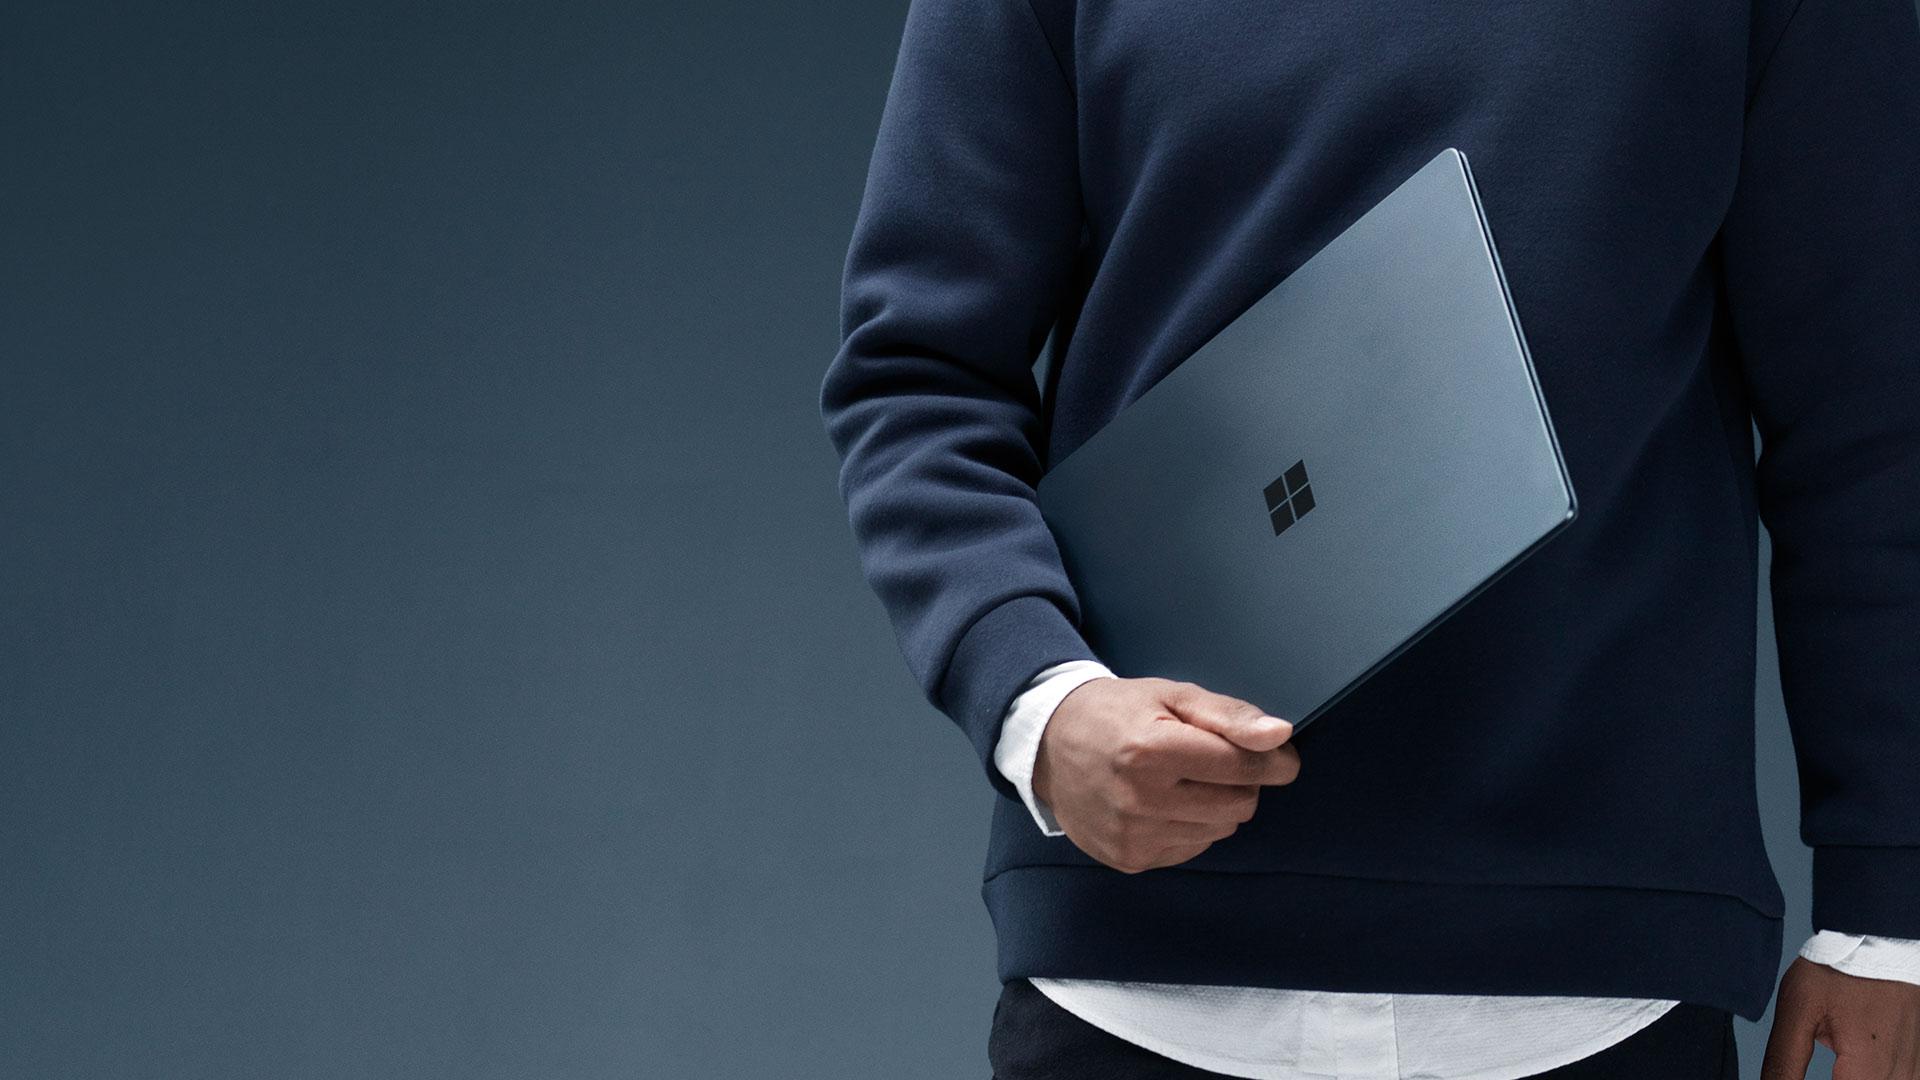 男人拿著鈷藍色 Surface Laptop